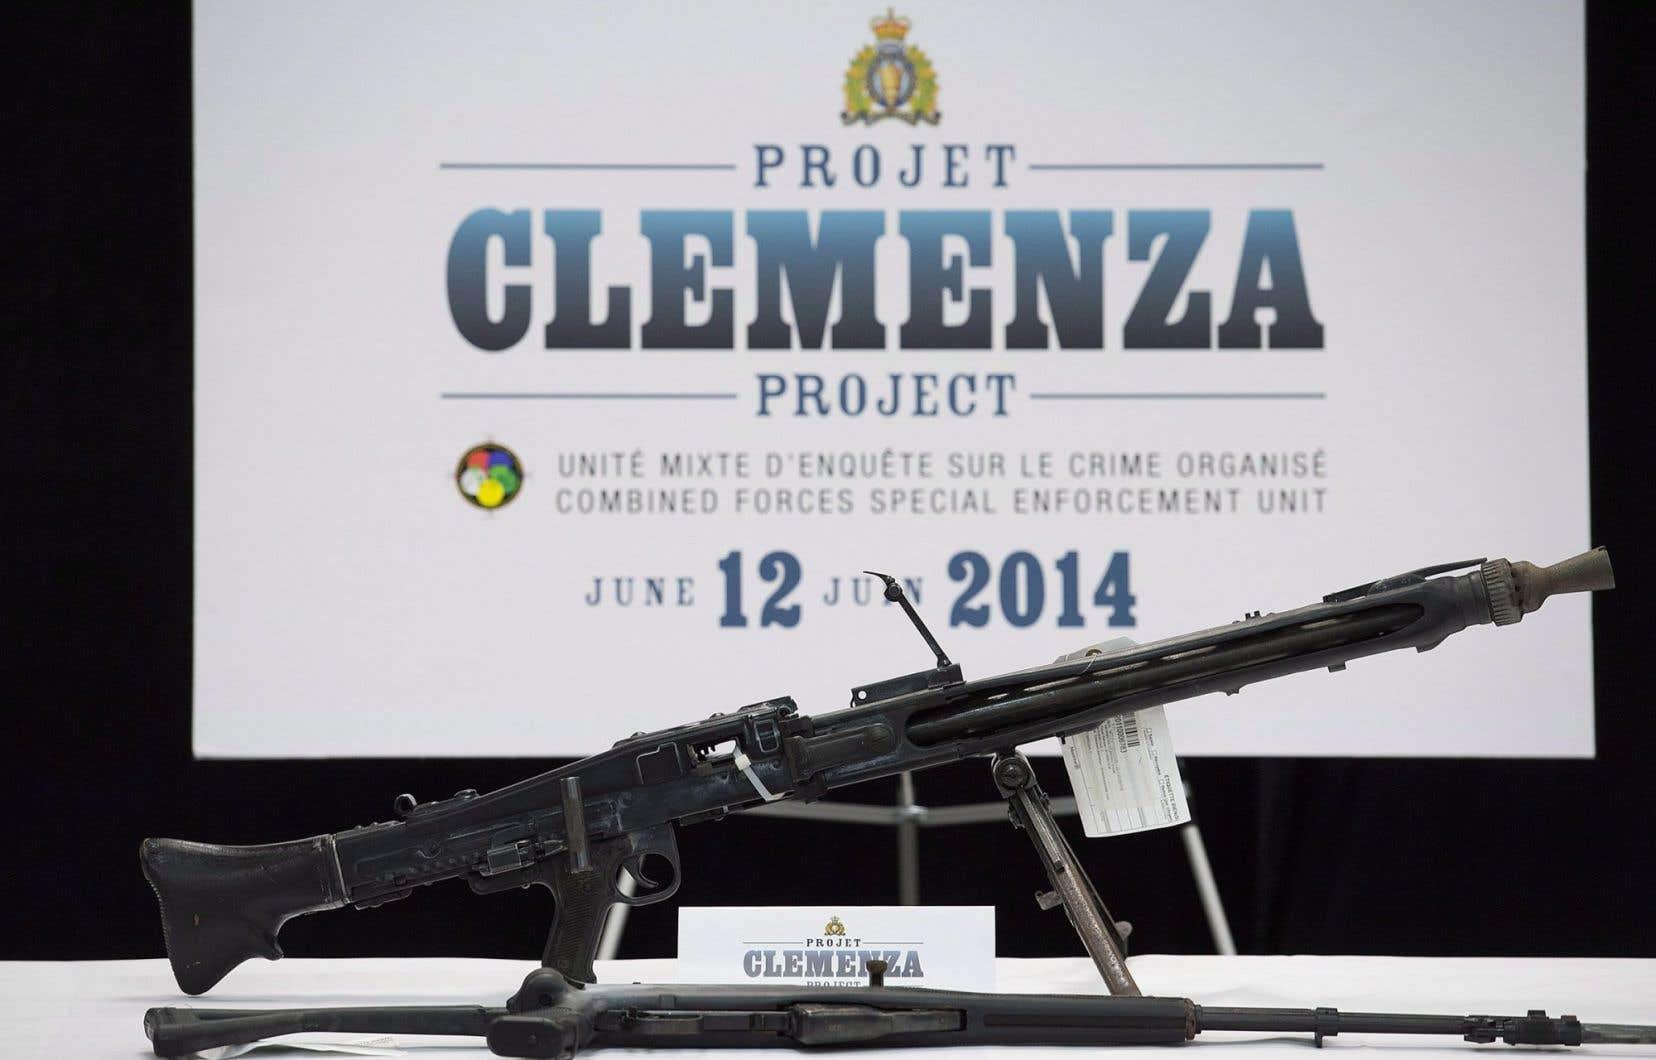 Les armes saisies lors du projet Clemenza, présentées en 2014 lors d'une conférence de presse au siège de la GRC à Montréal